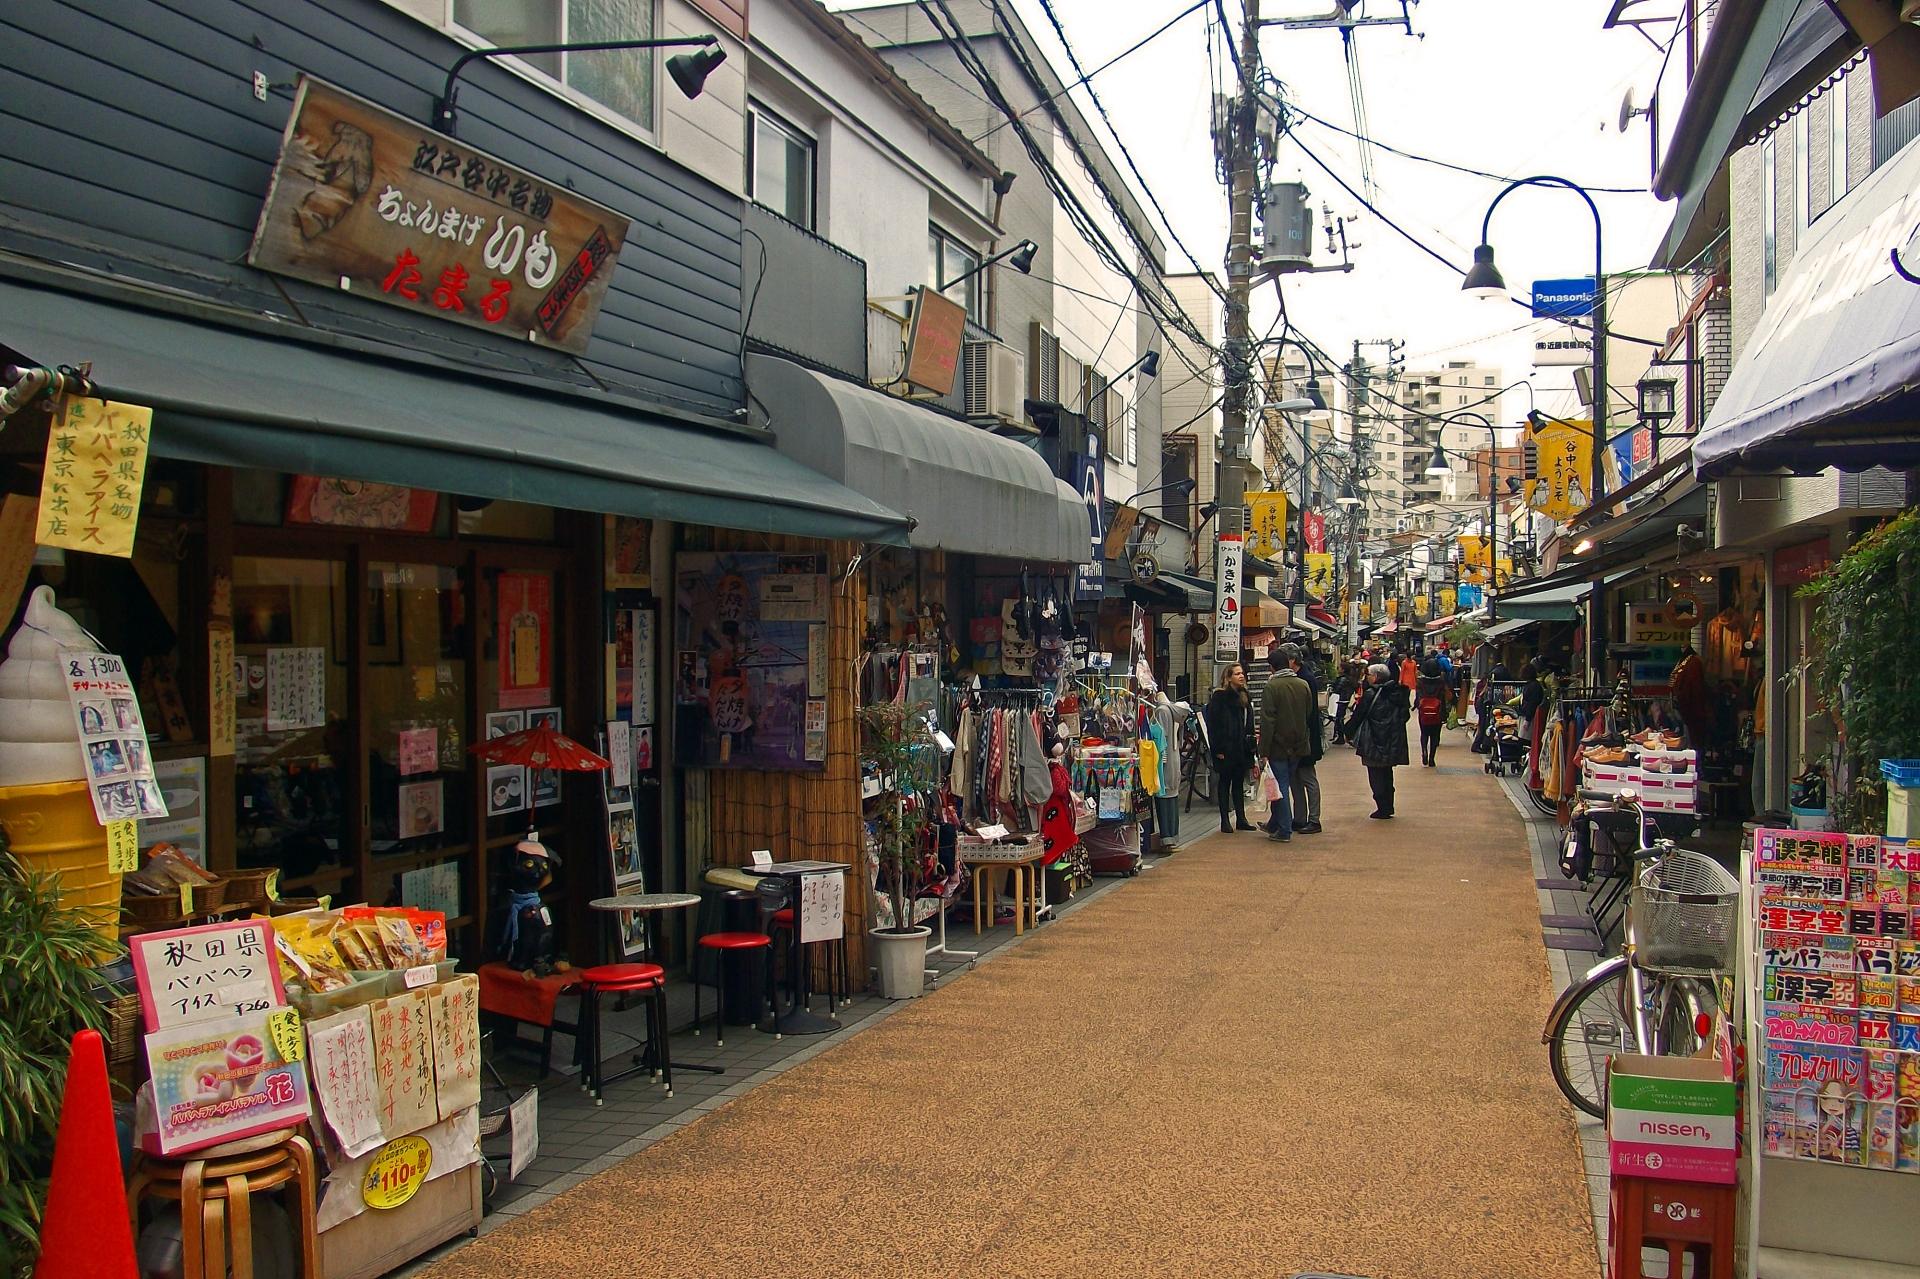 街 goto 商店